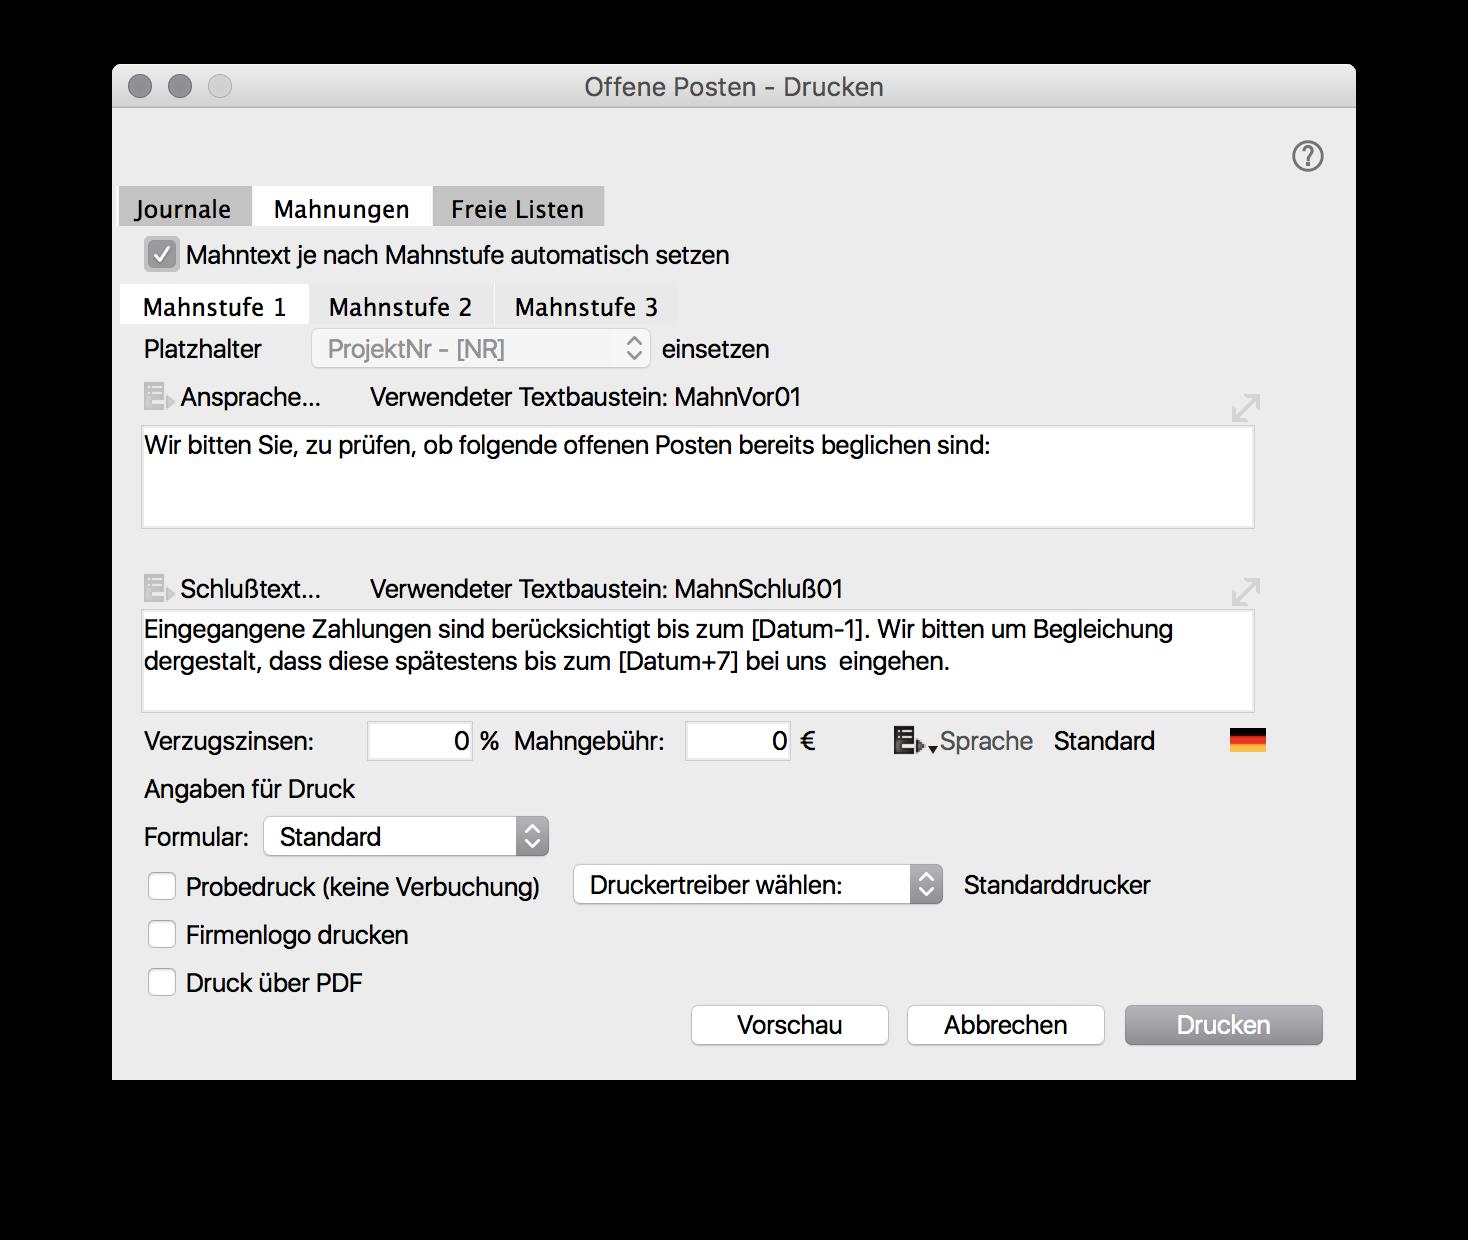 Offene Posten Drucken Profacto Handbuch Confluence